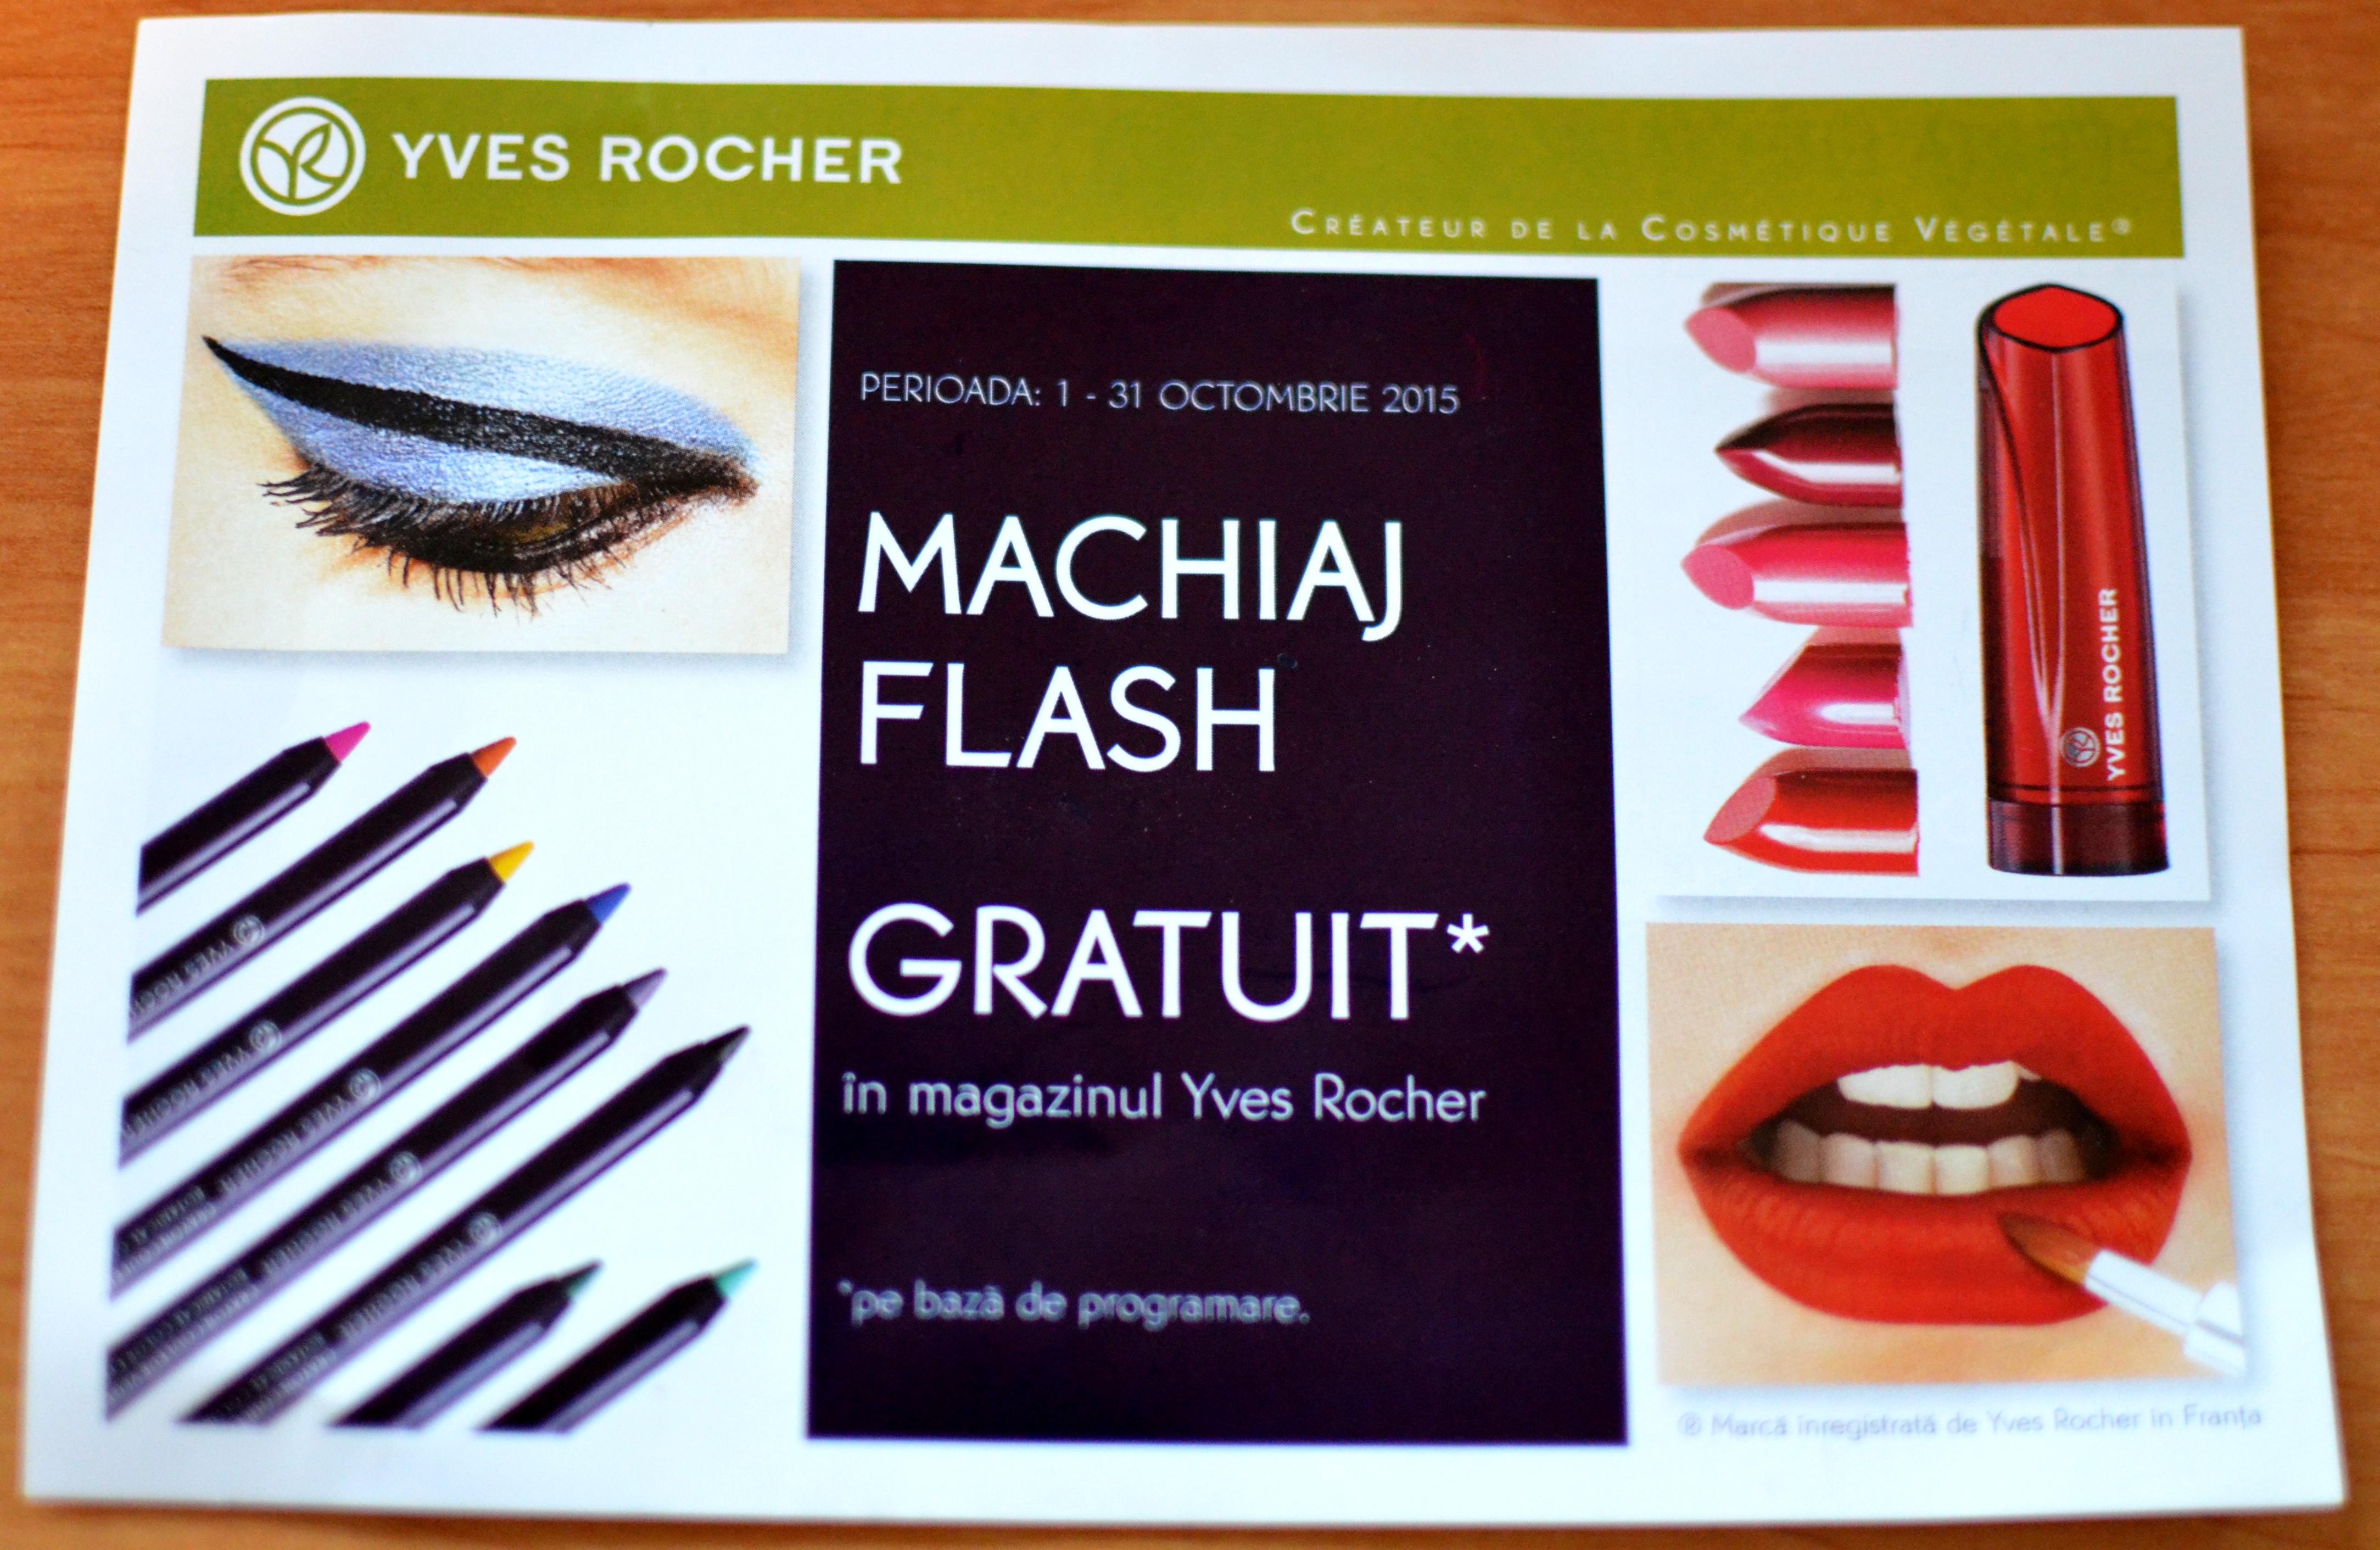 yves-rocher-machiaj-flash